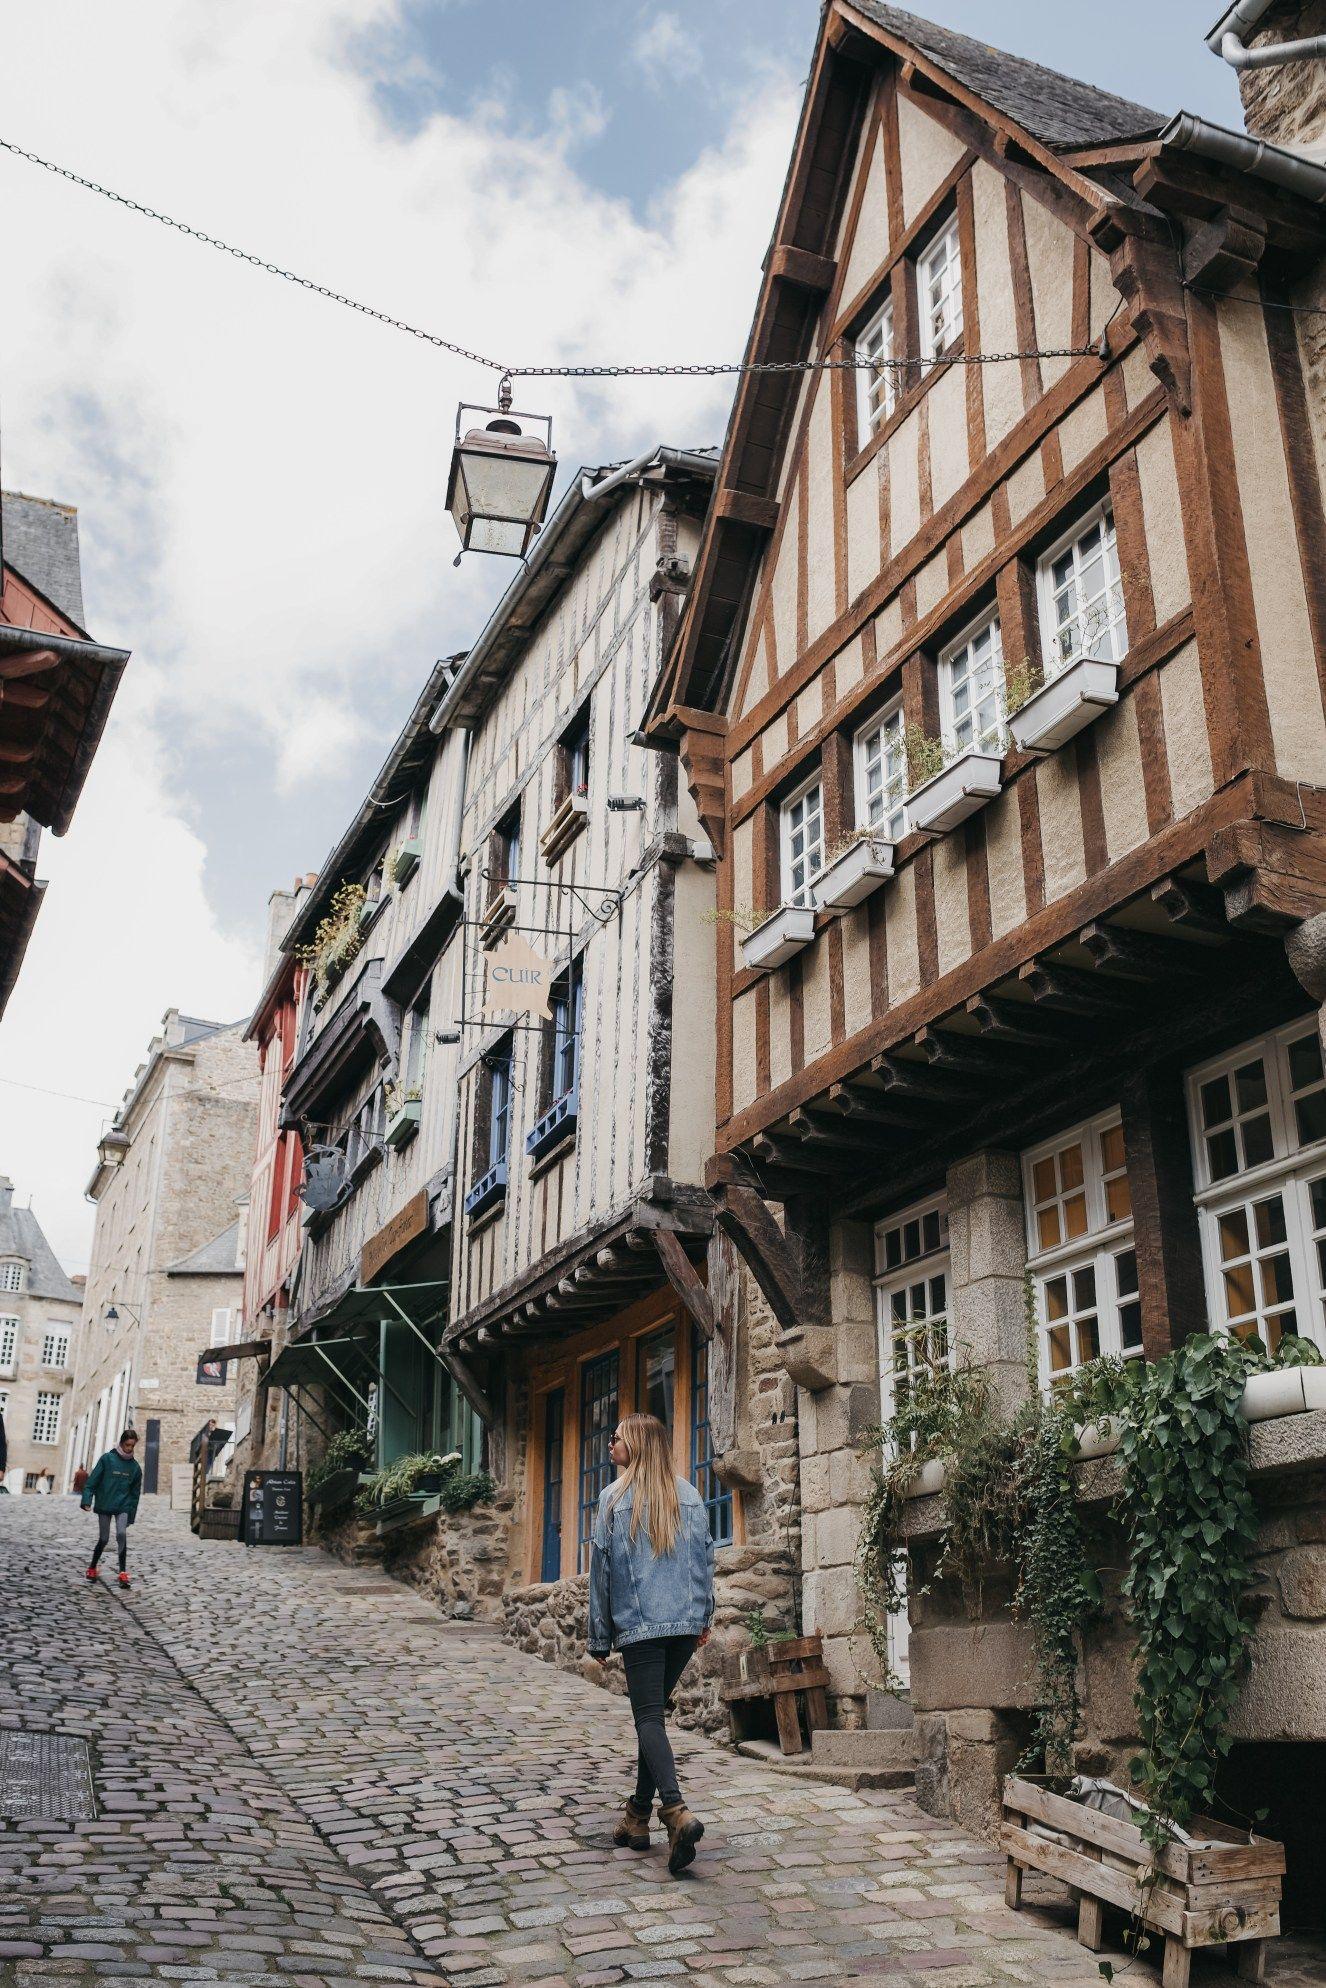 10 jours de road trip en Bretagne en 2020 | Road trip